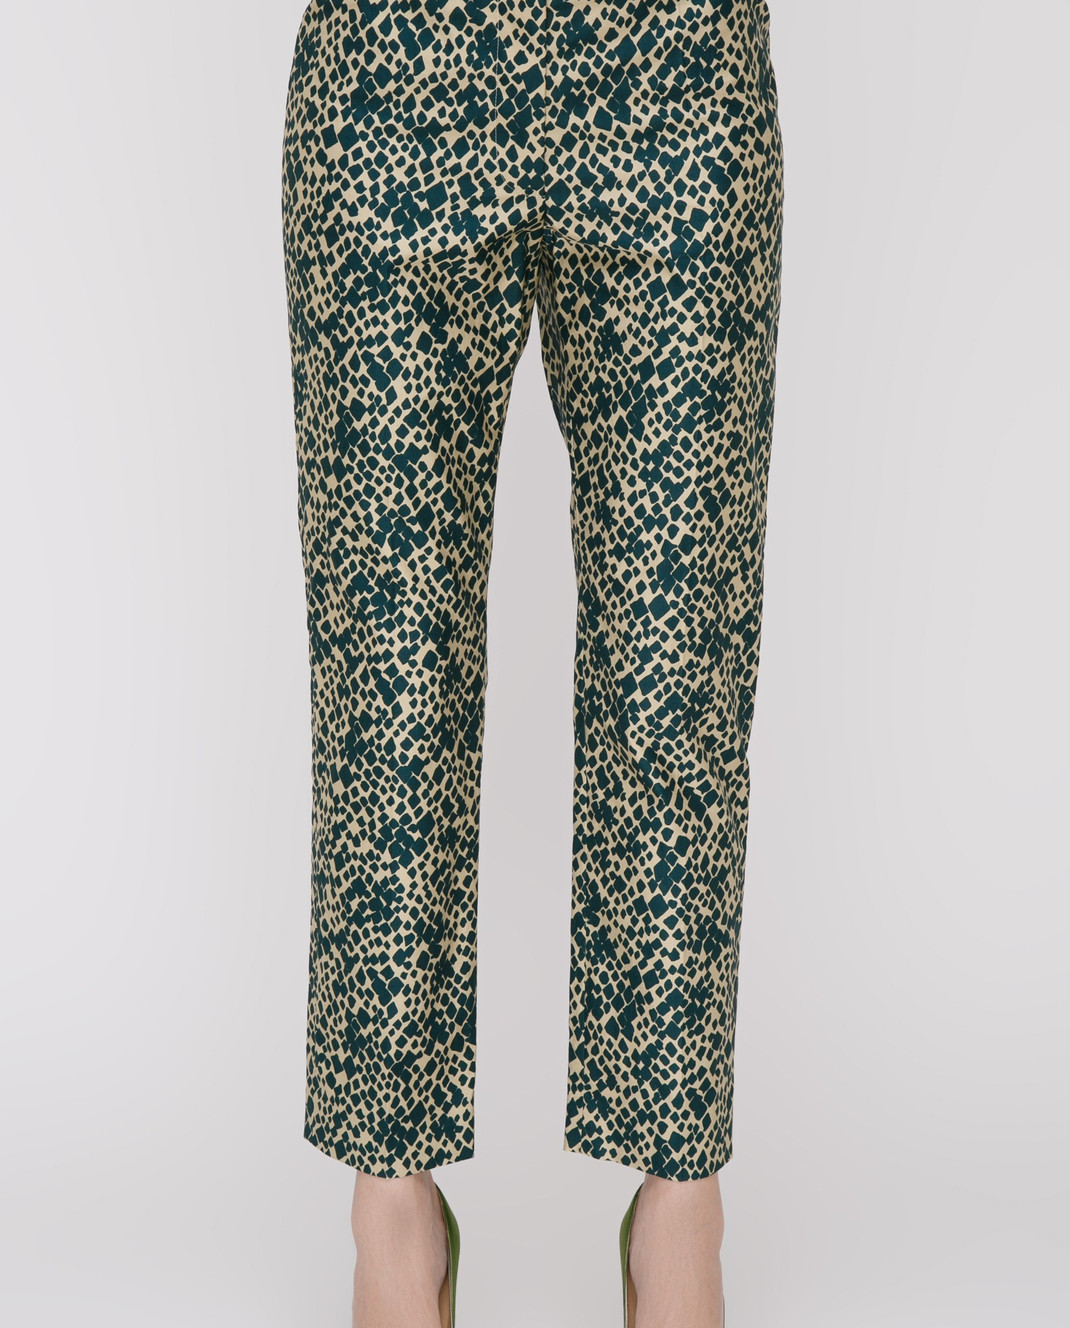 Sonia Rykiel Зеленые брюки 17331338 изображение 3